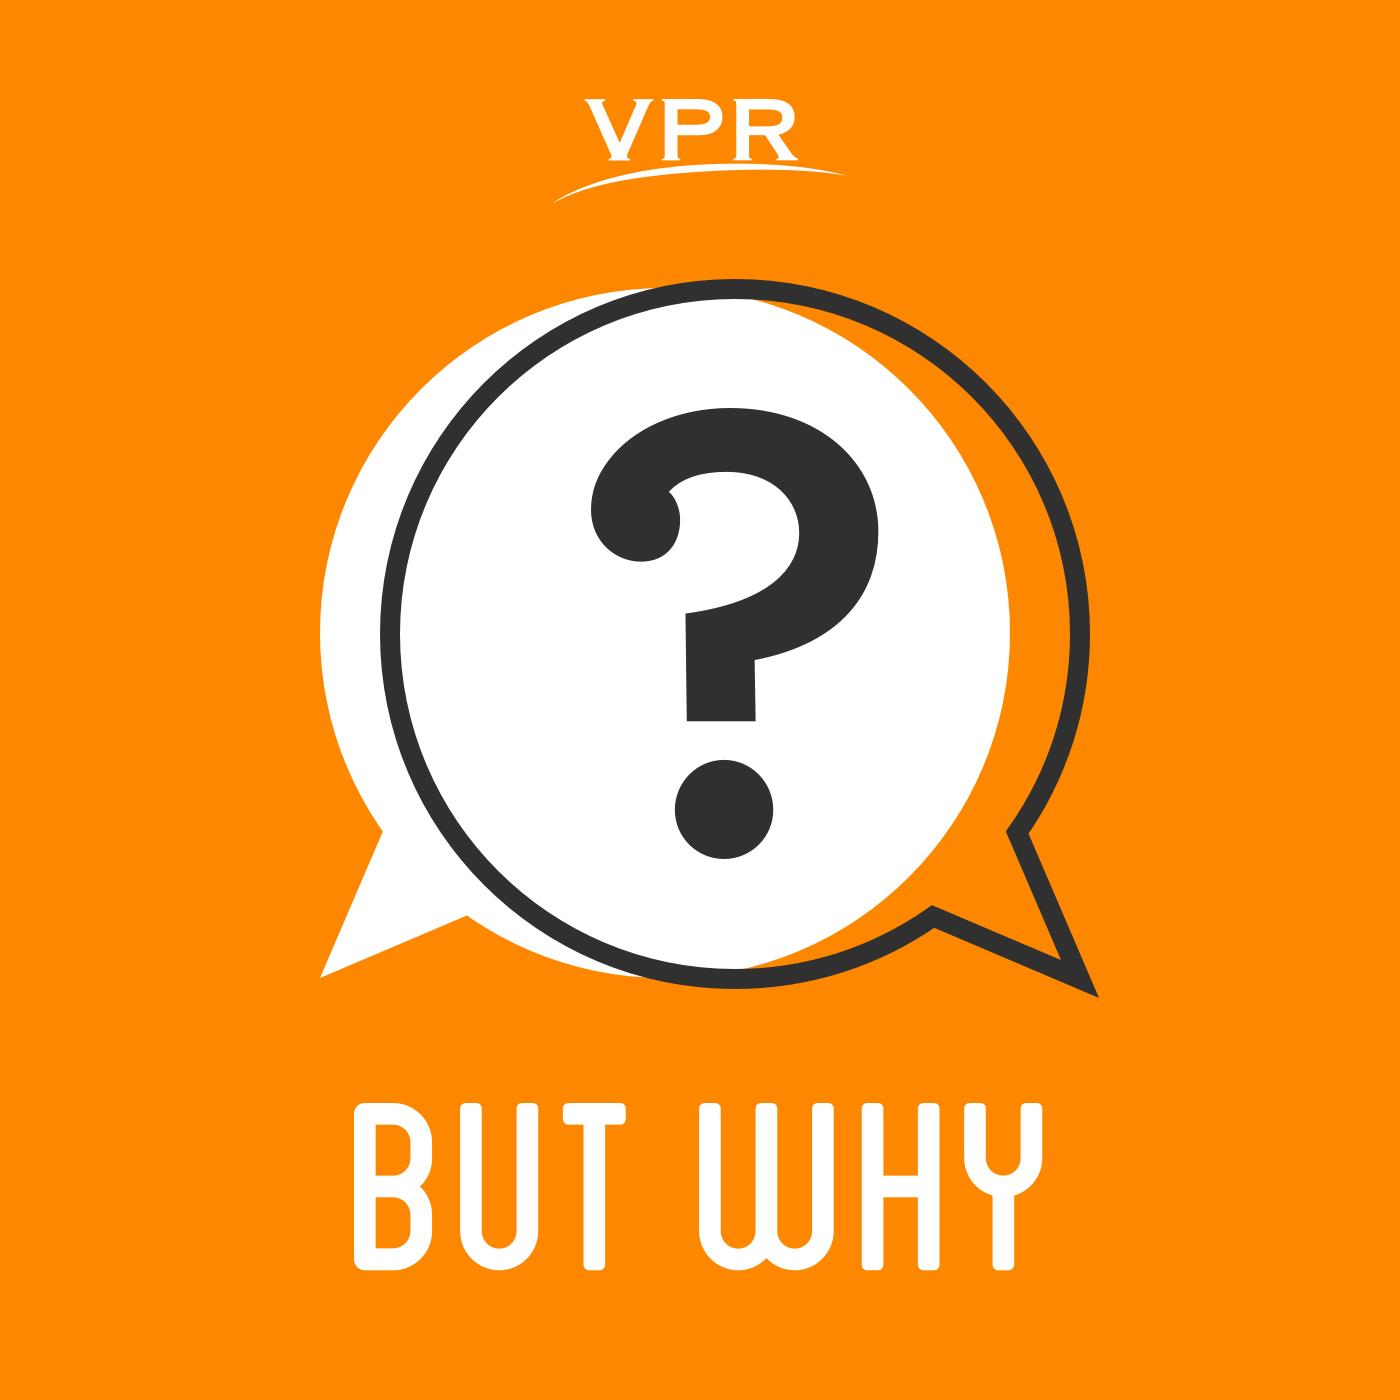 why do we celebrate halloween? | vermont public radio